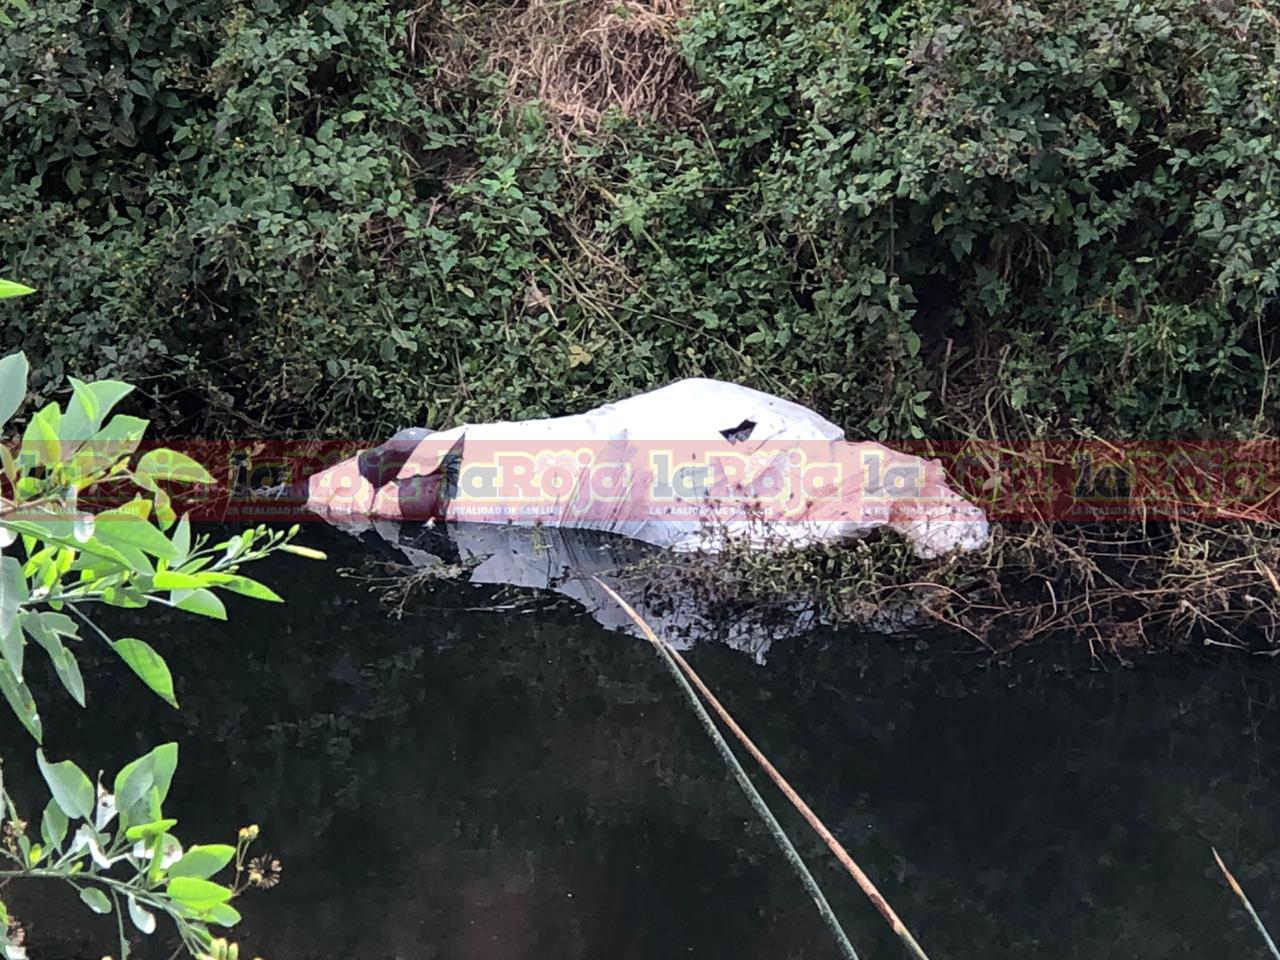 Localizan cadáver embolsado en un canalón de aguas negras en la Comunidad de Los Gómez